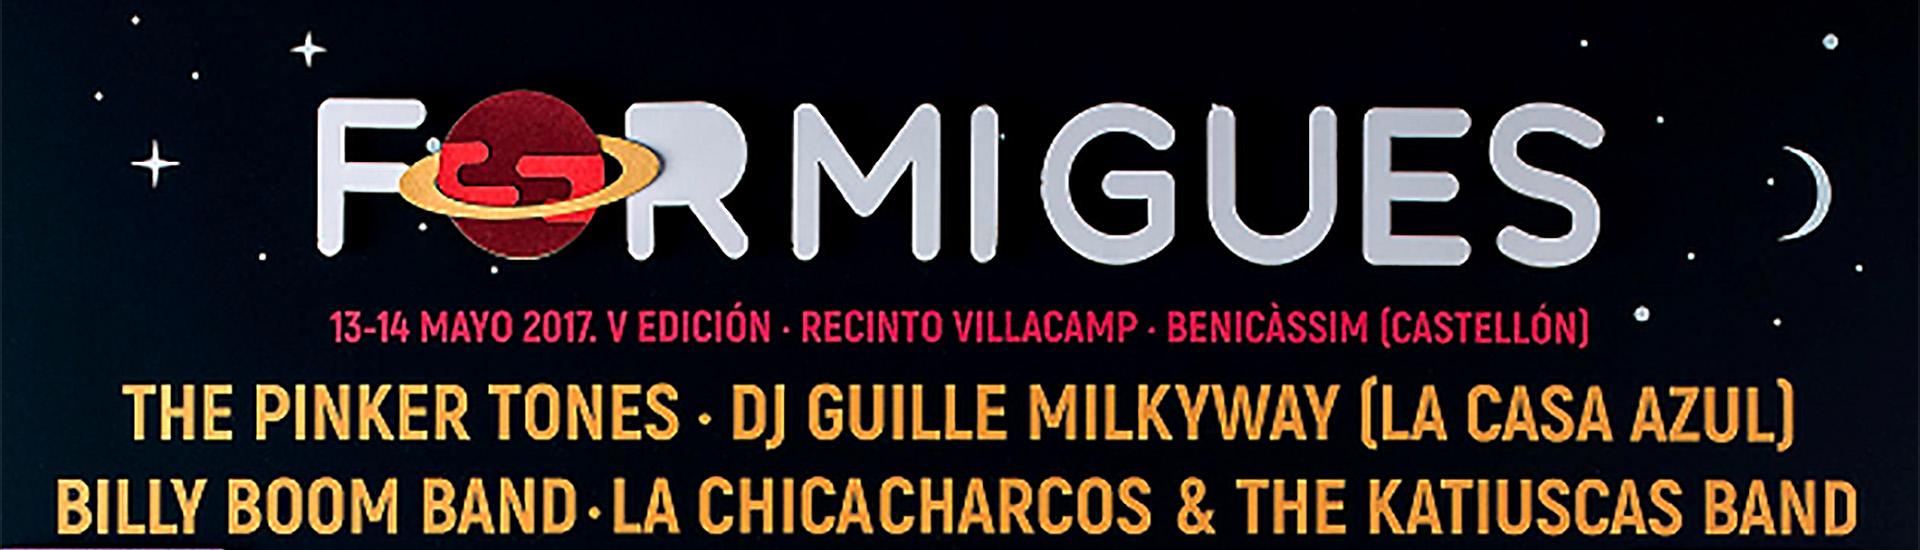 Festivales para niños, llega el Formigues festival